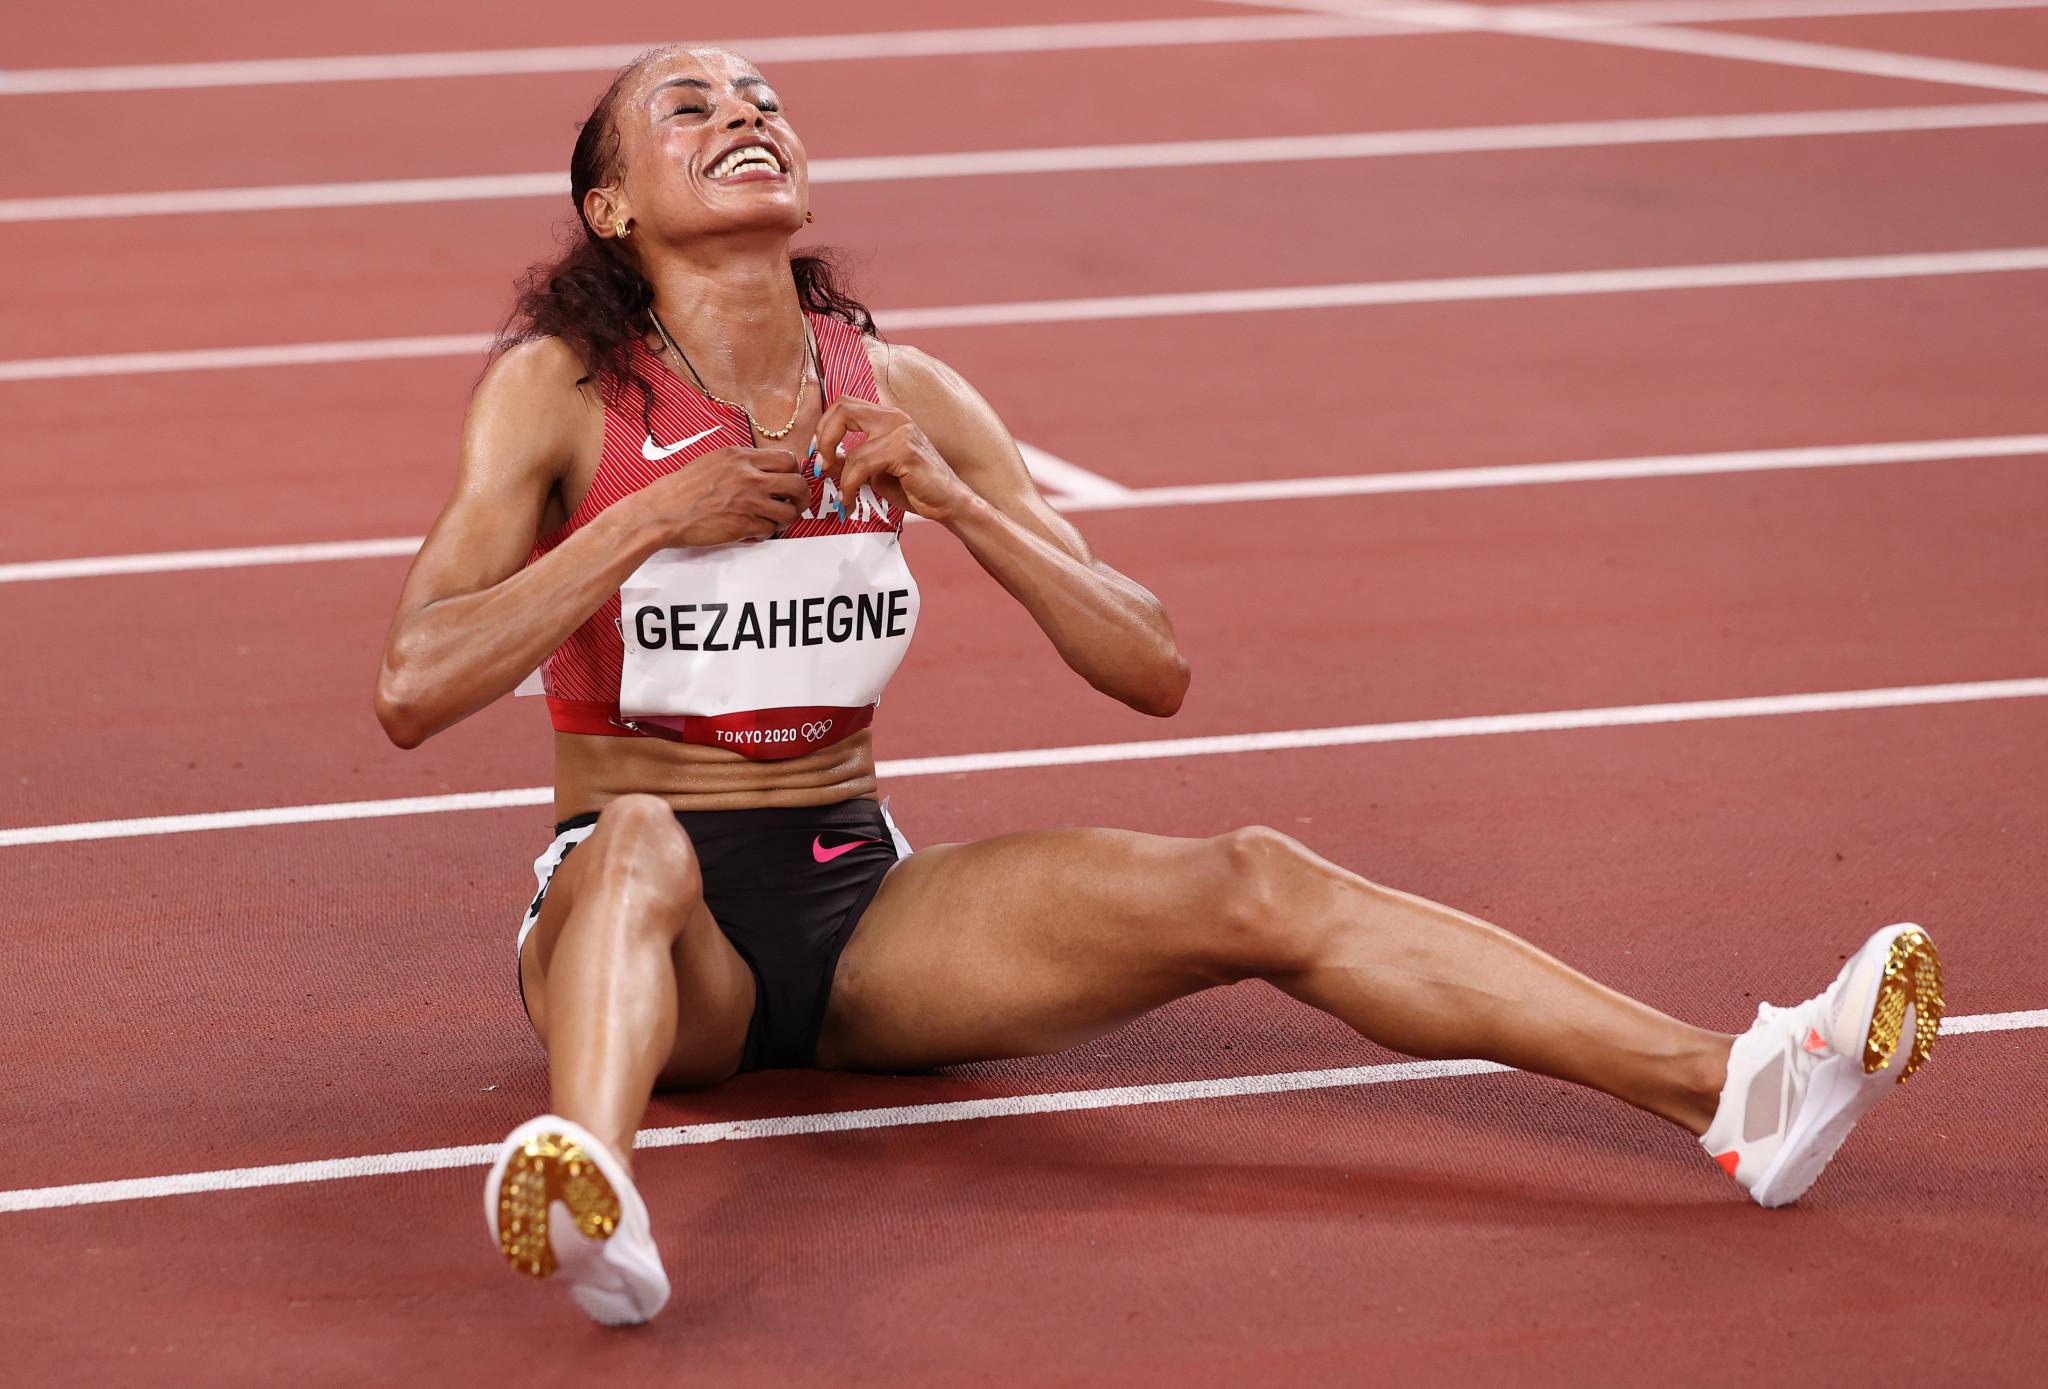 Gezahegne breaks women's 10km world record in Geneva